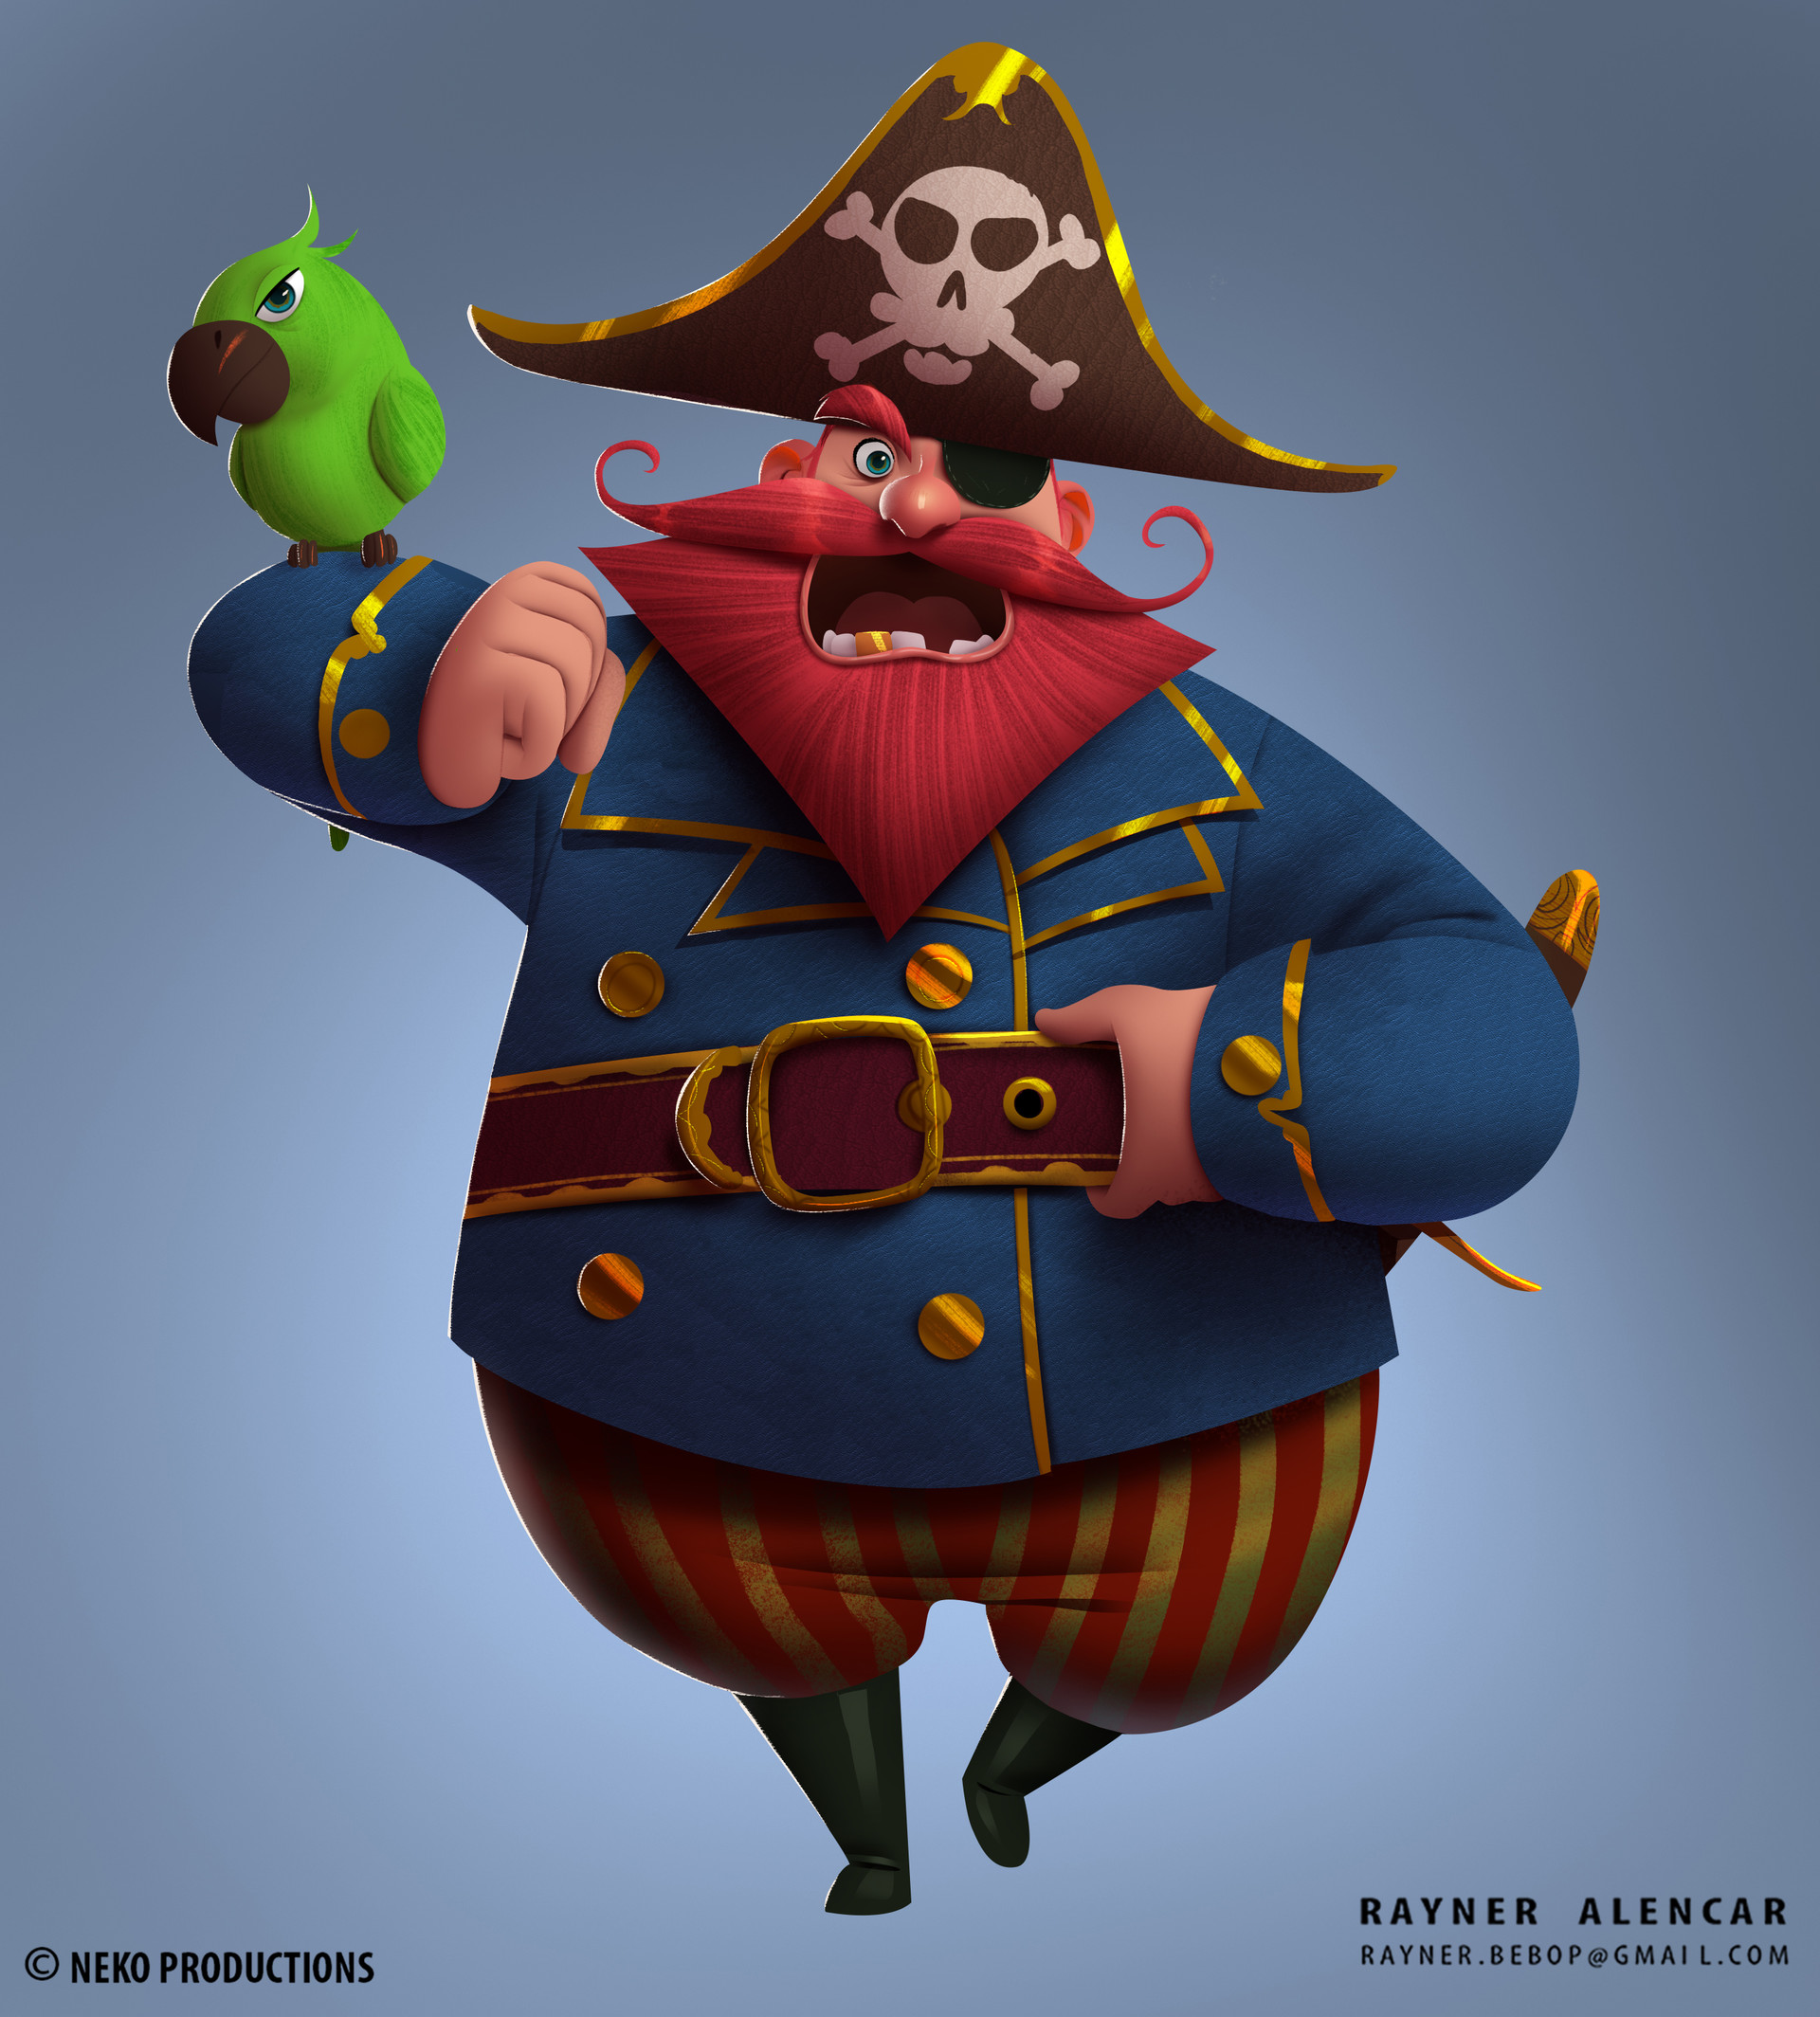 Rayner alencar postar pirata